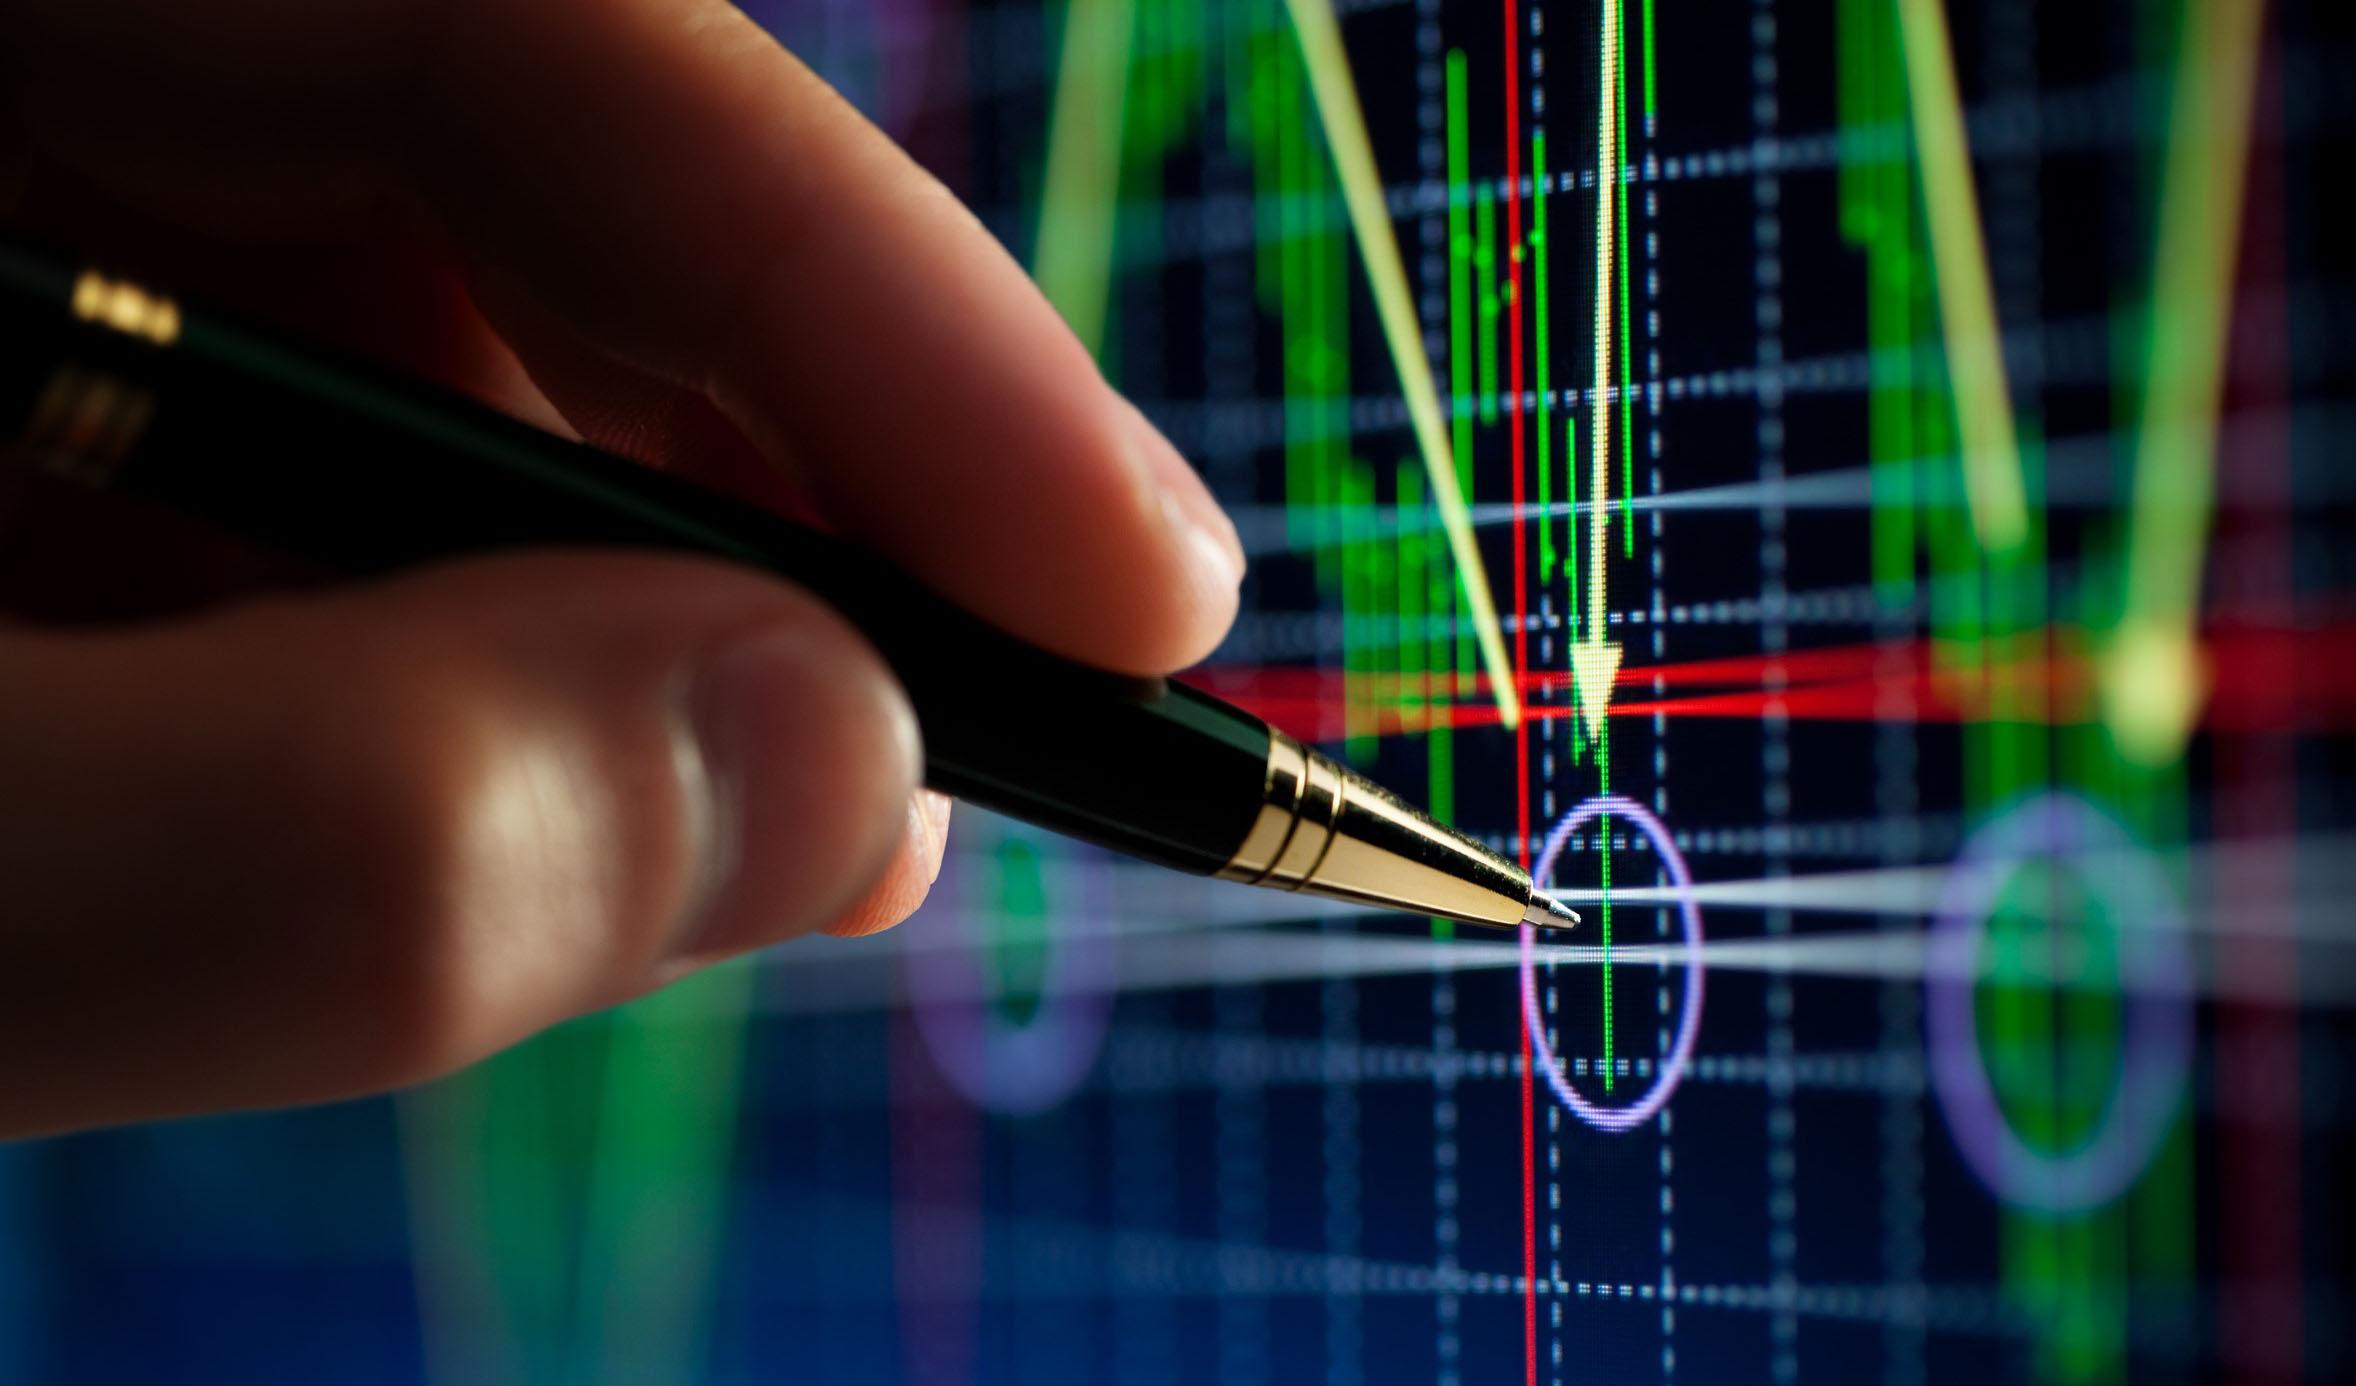 ریسکهای تهدیدکننده عرضههای اولیه بورس کدامند؟